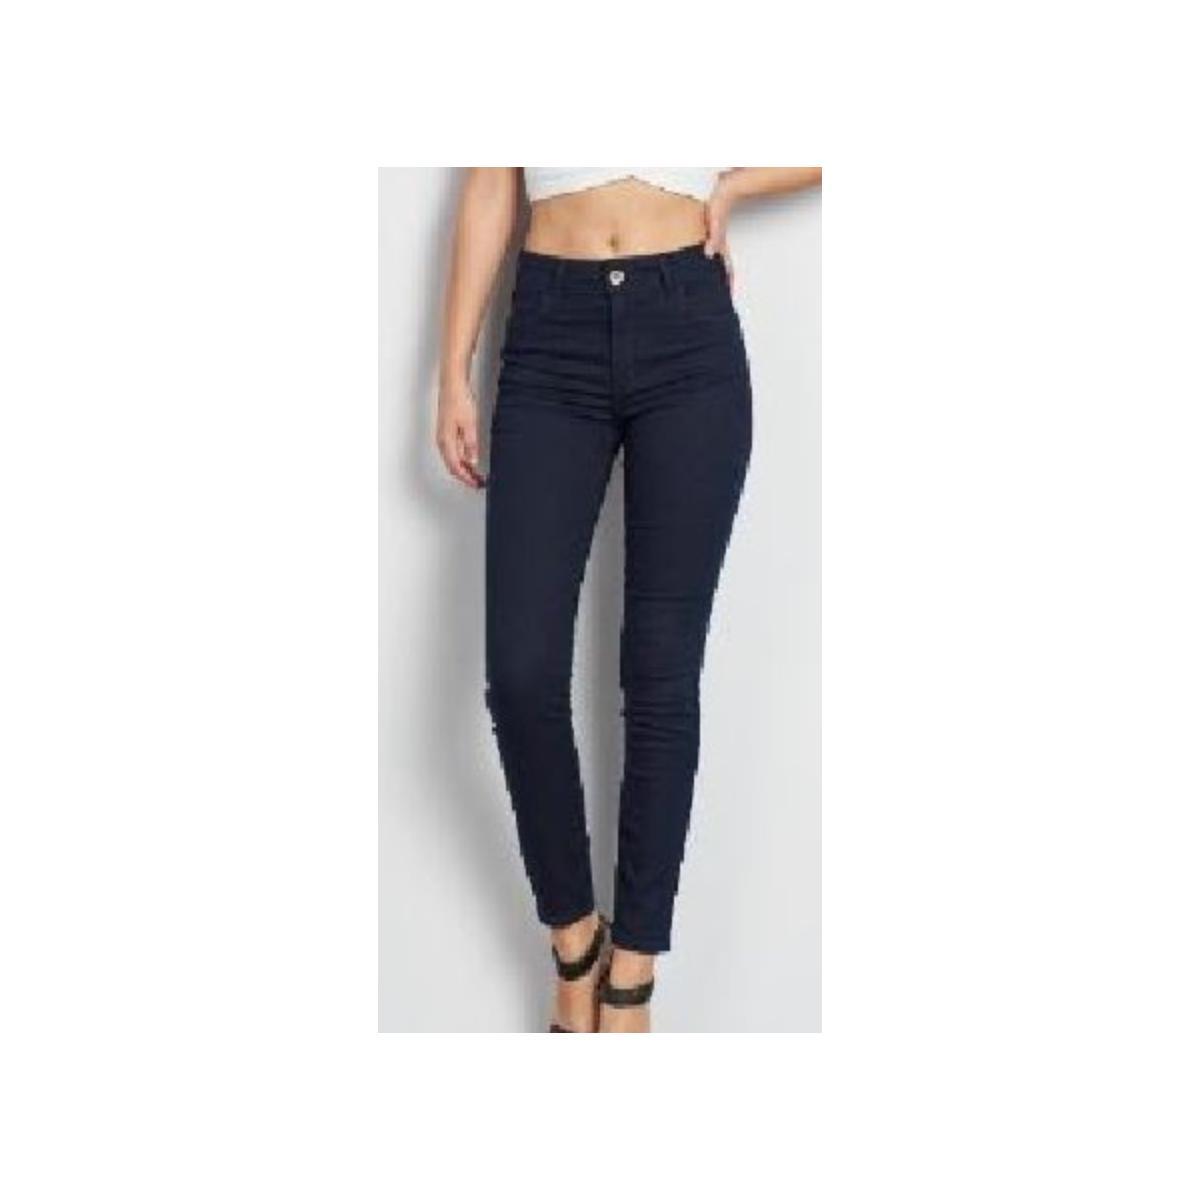 Calça Feminina Colcci 20111465 600 Jeans